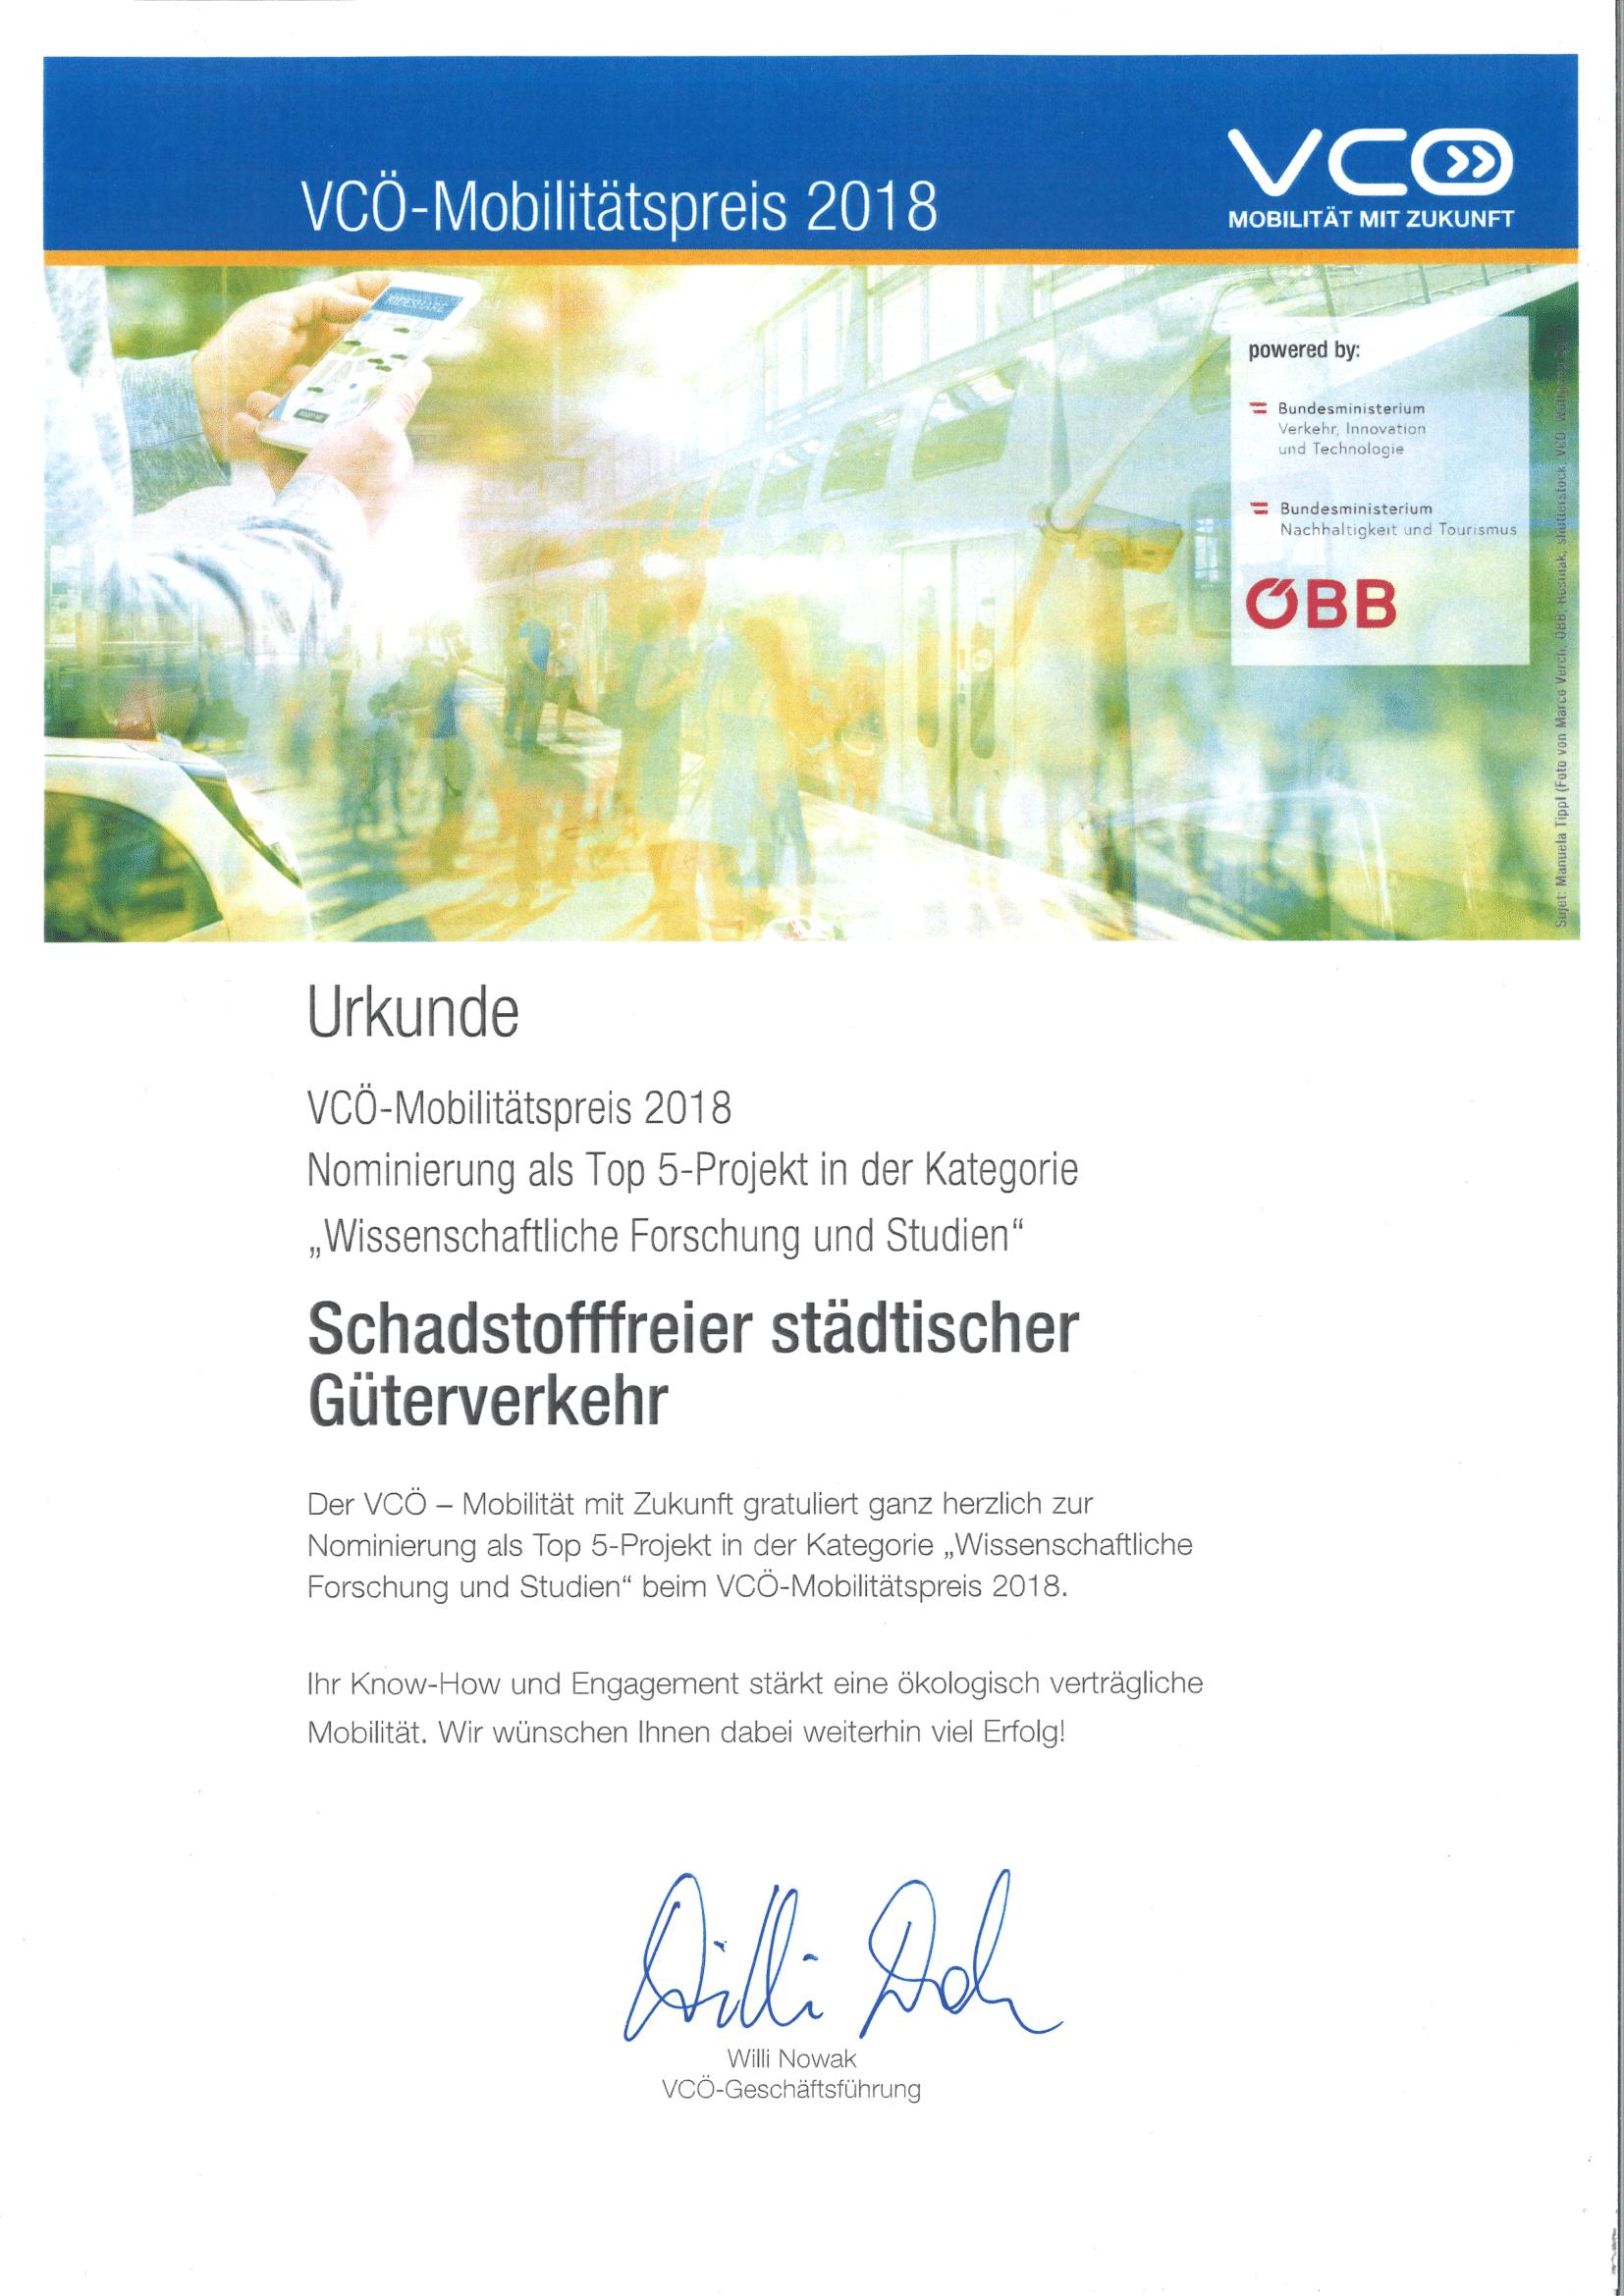 VCÖ Preis 2018 MULE 1